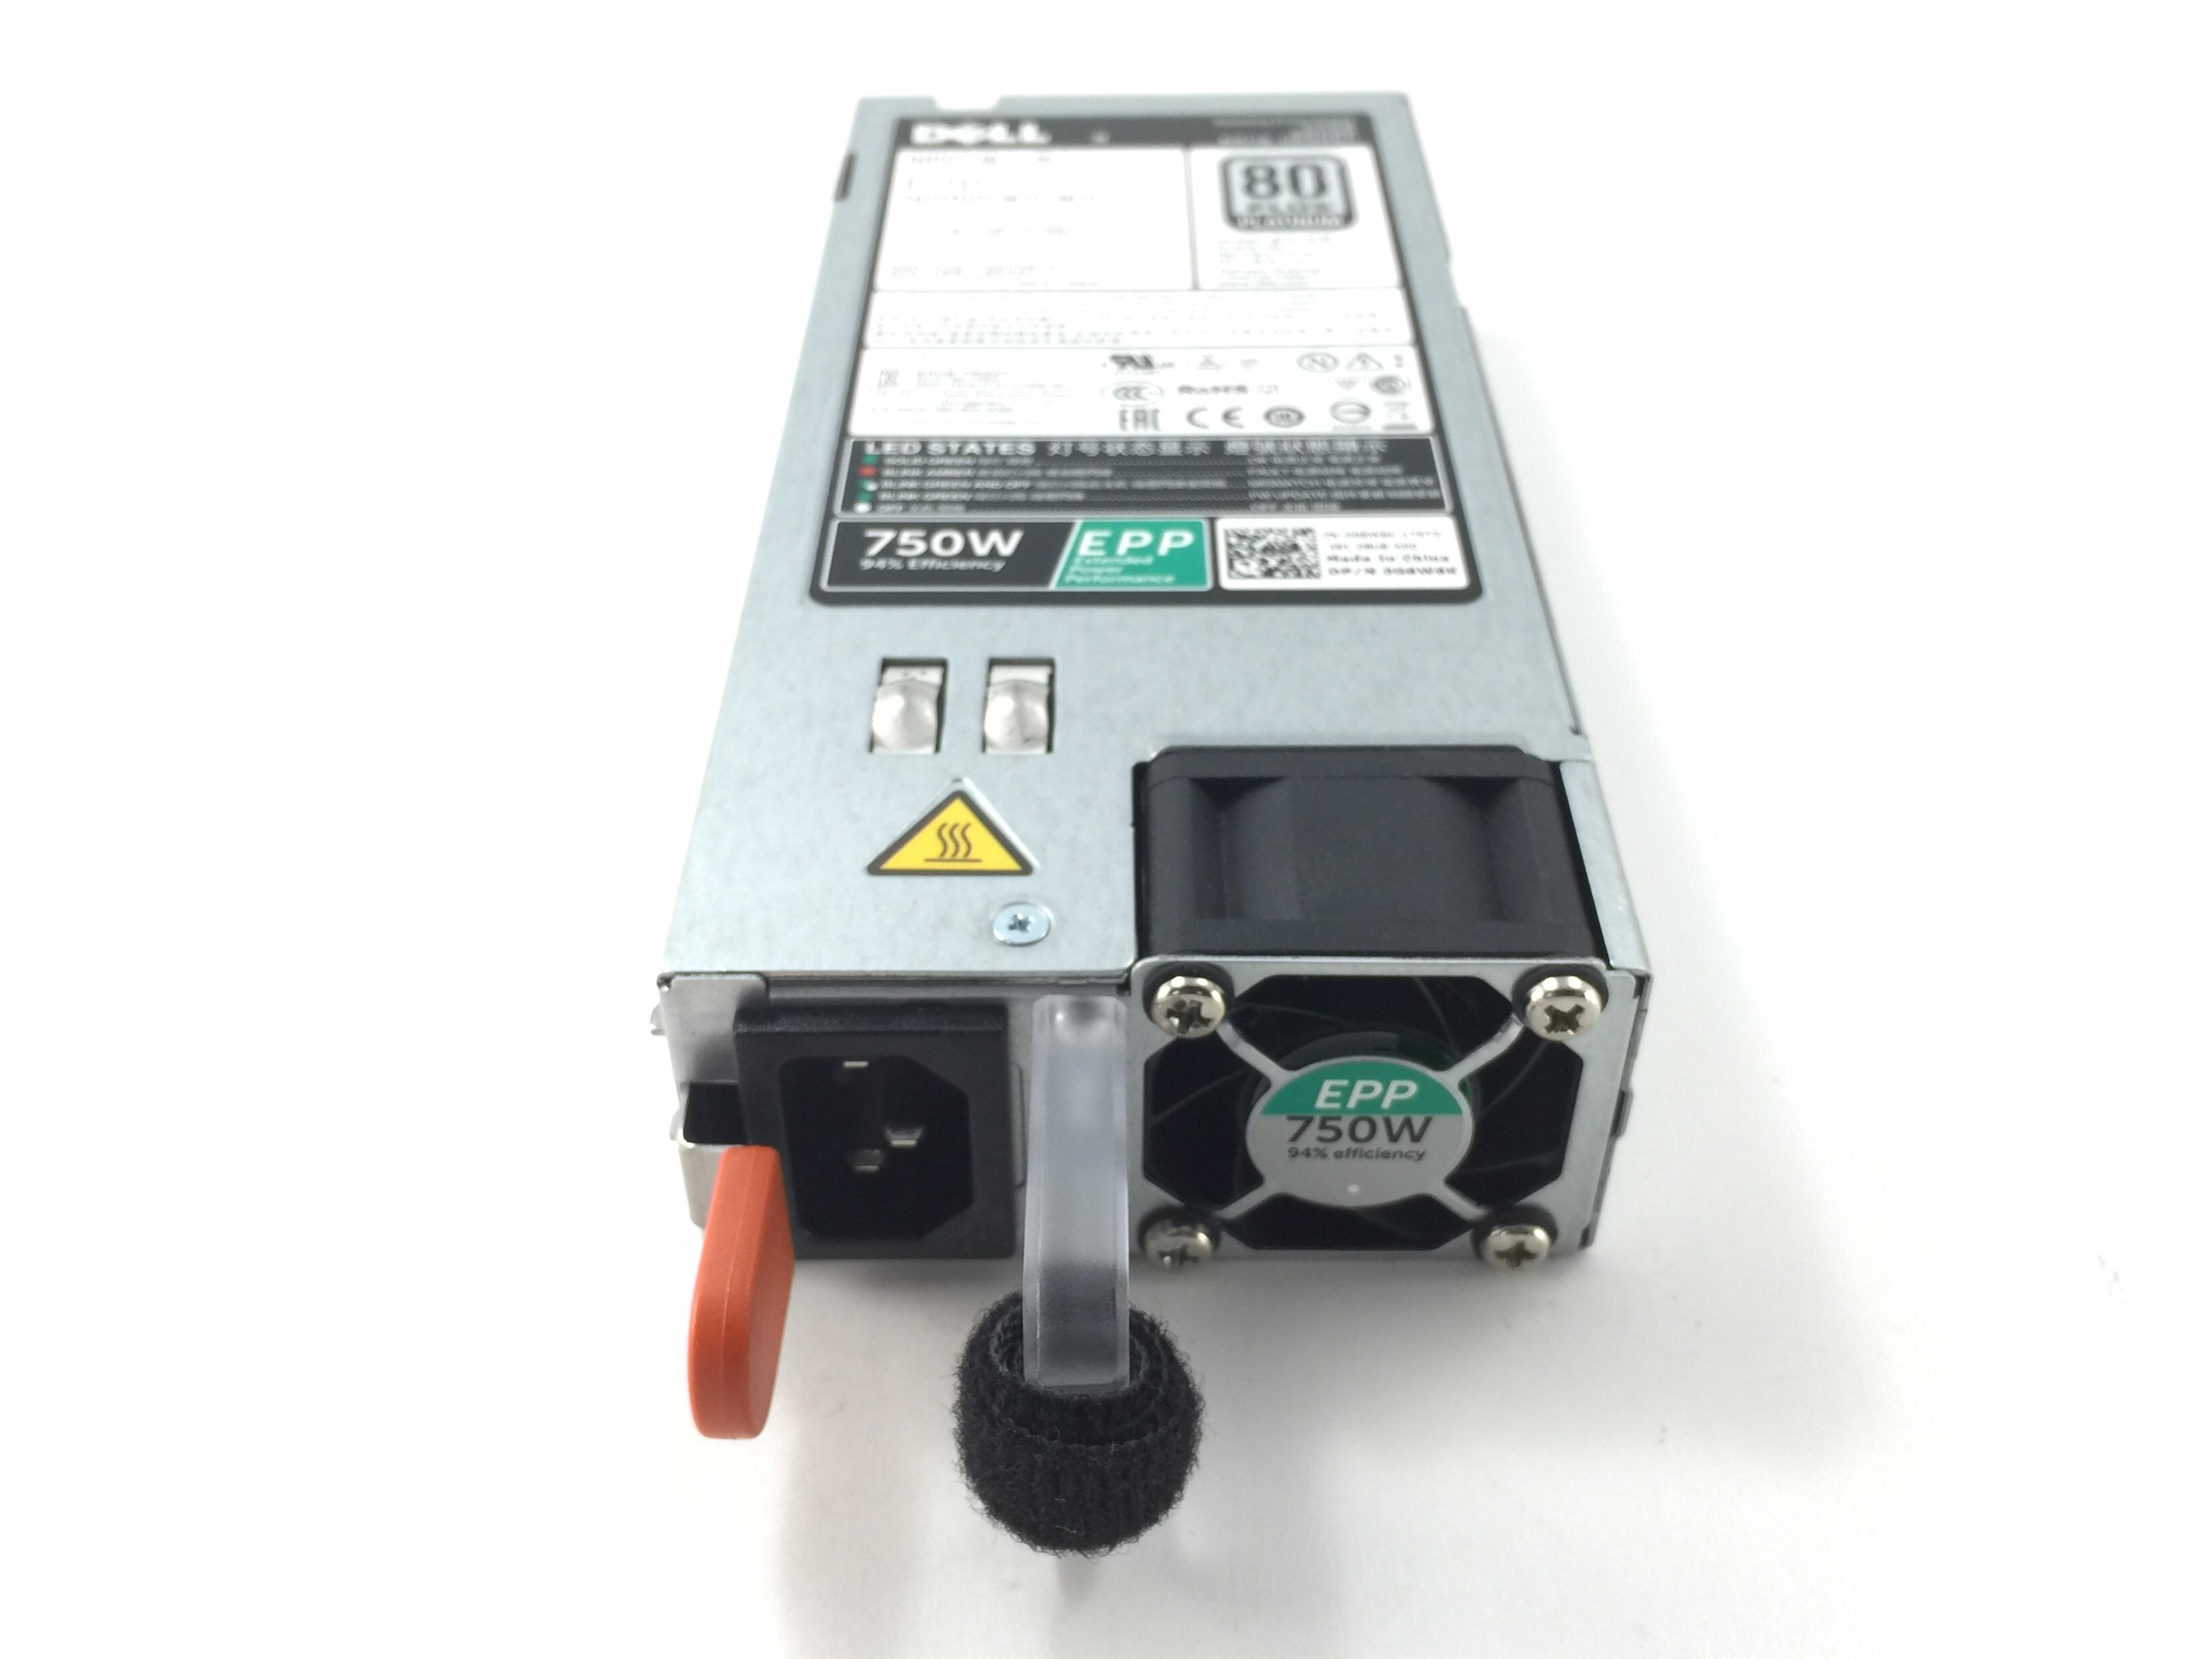 DELL POWEREDGE R630/R730/R730XD 750W 80 PLUS POWER SUPPLY (G6W6K)